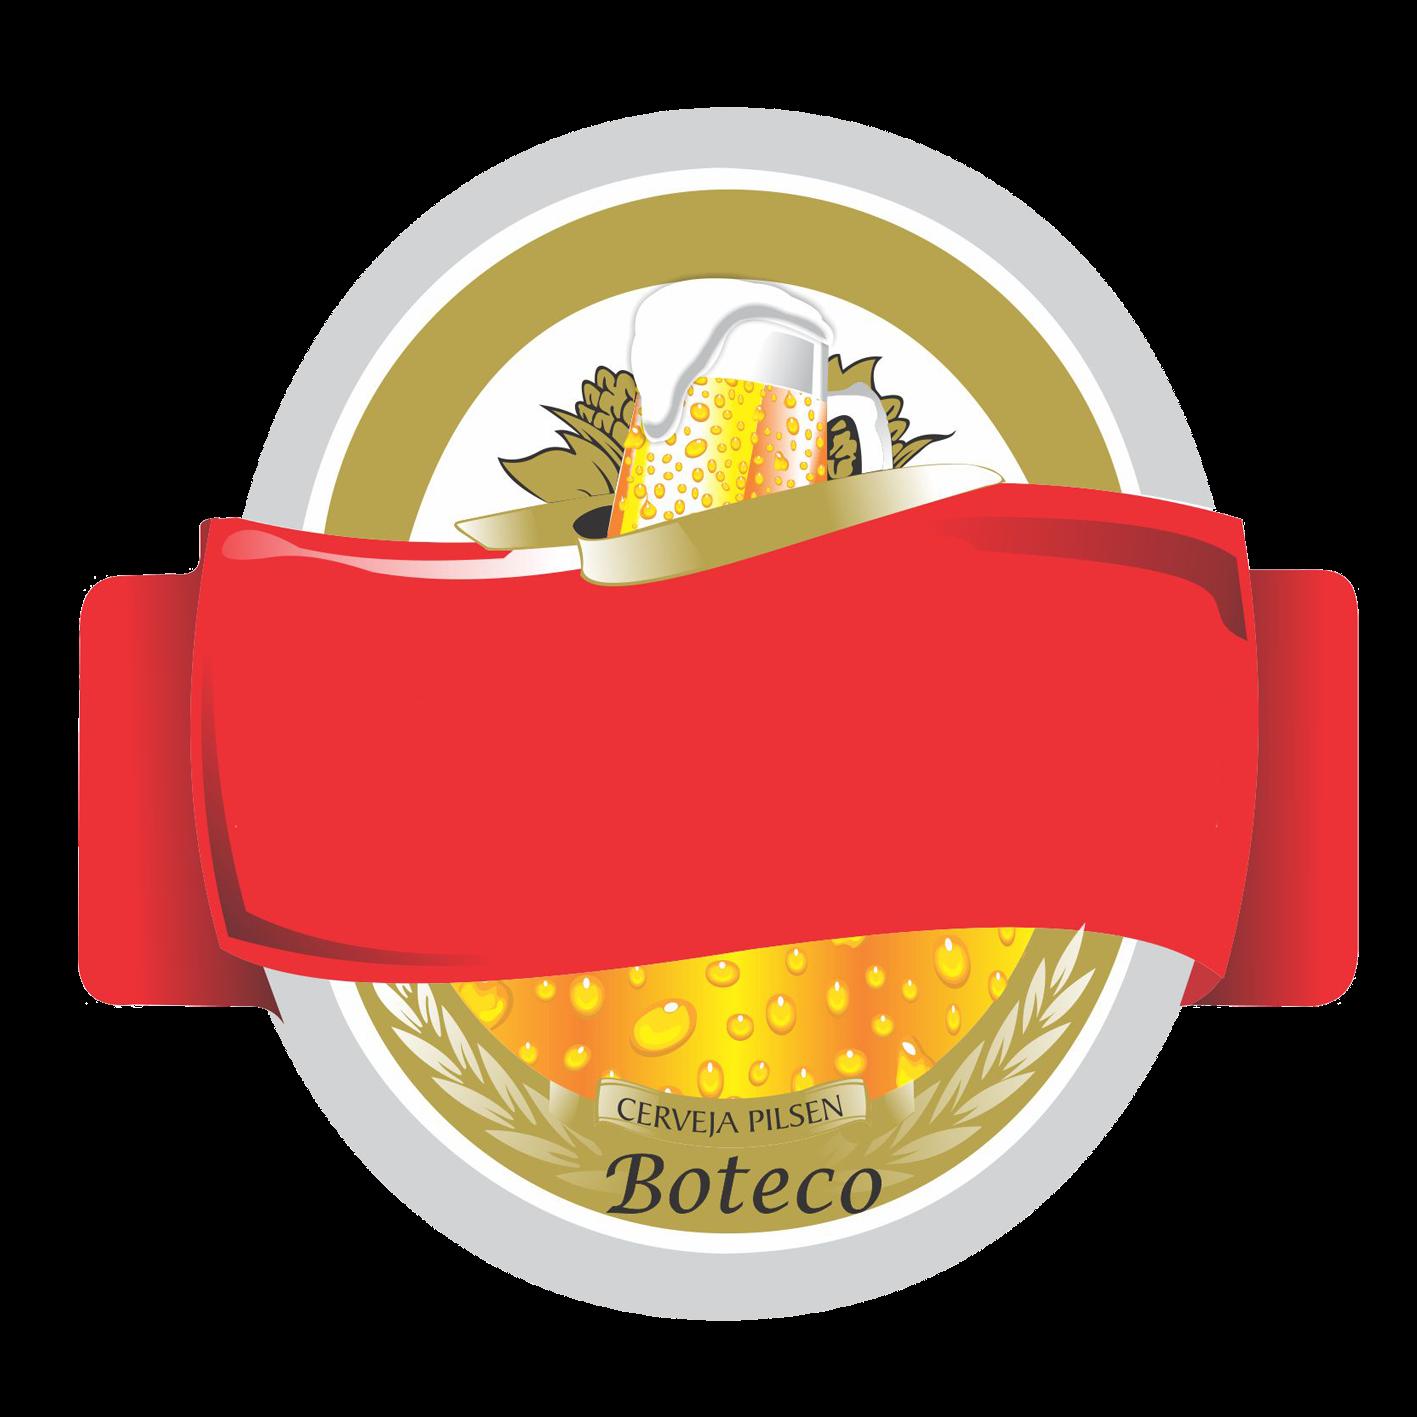 Festa De Aniversario Com O Tema Boteco Xadrez Vermelho E Branco